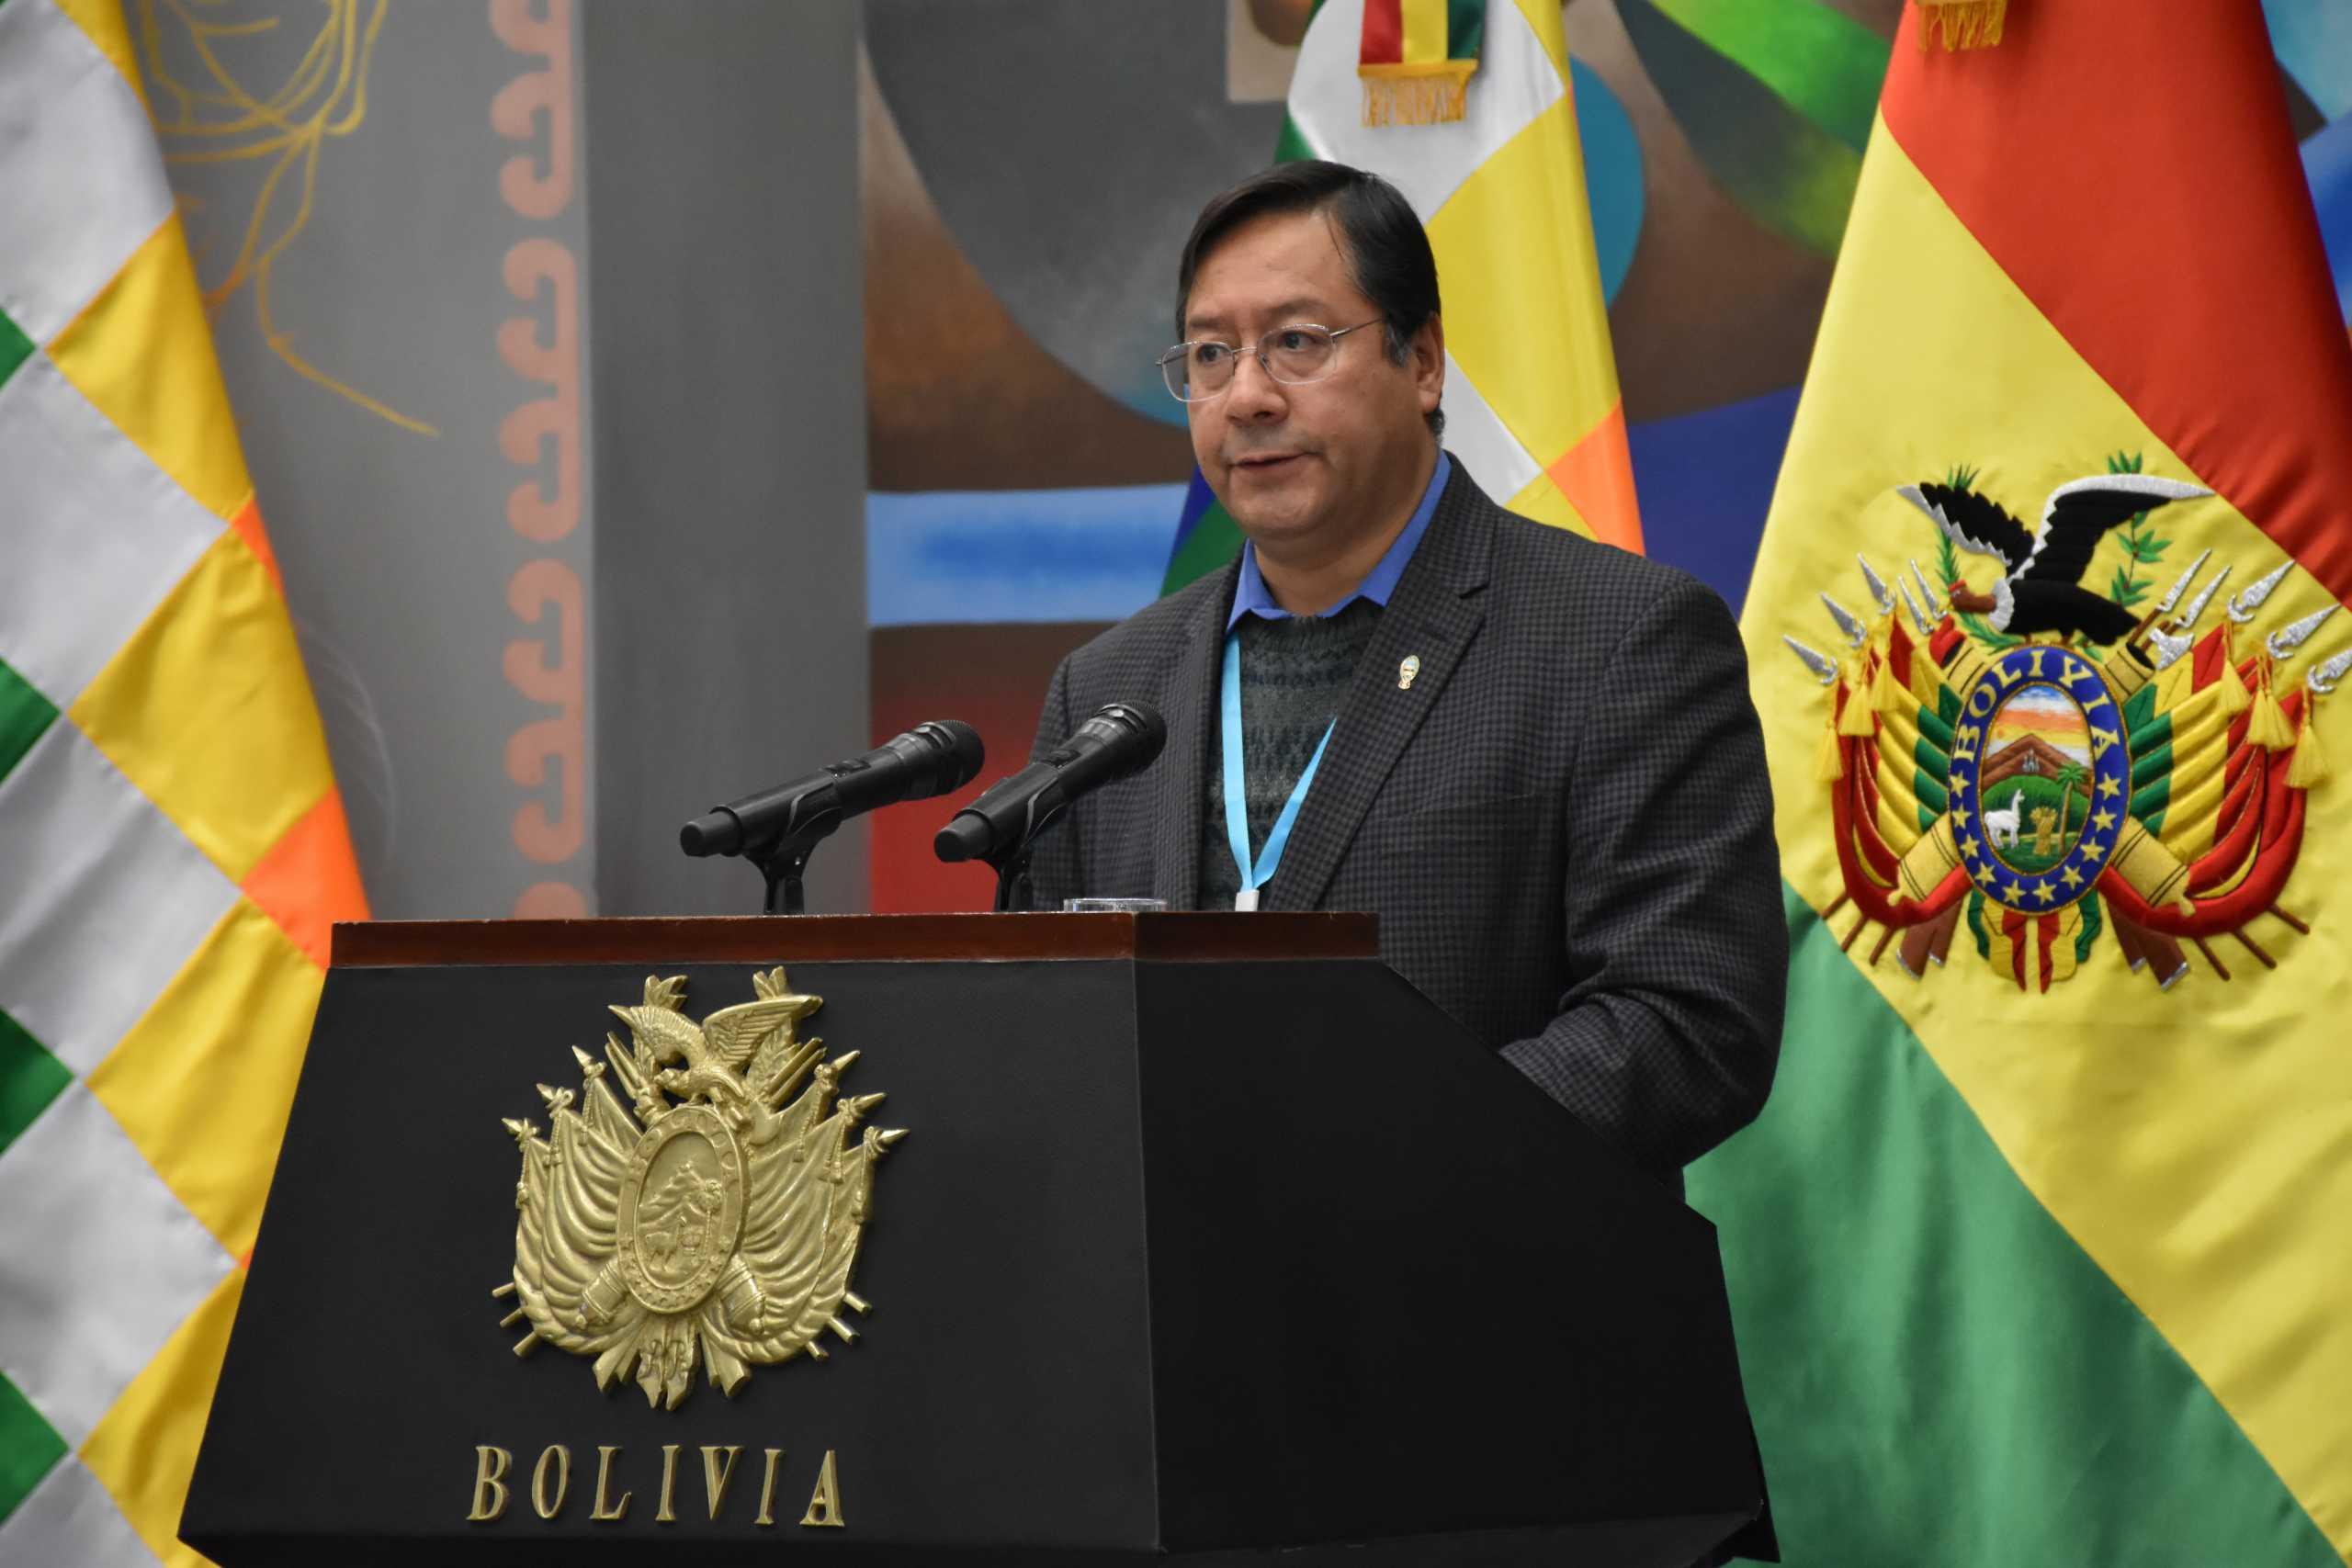 Κορονοϊός – Βολιβία: Το εμβόλιο Sputnik V θα κάνει ο πρόεδρος Λουίς Άρσε